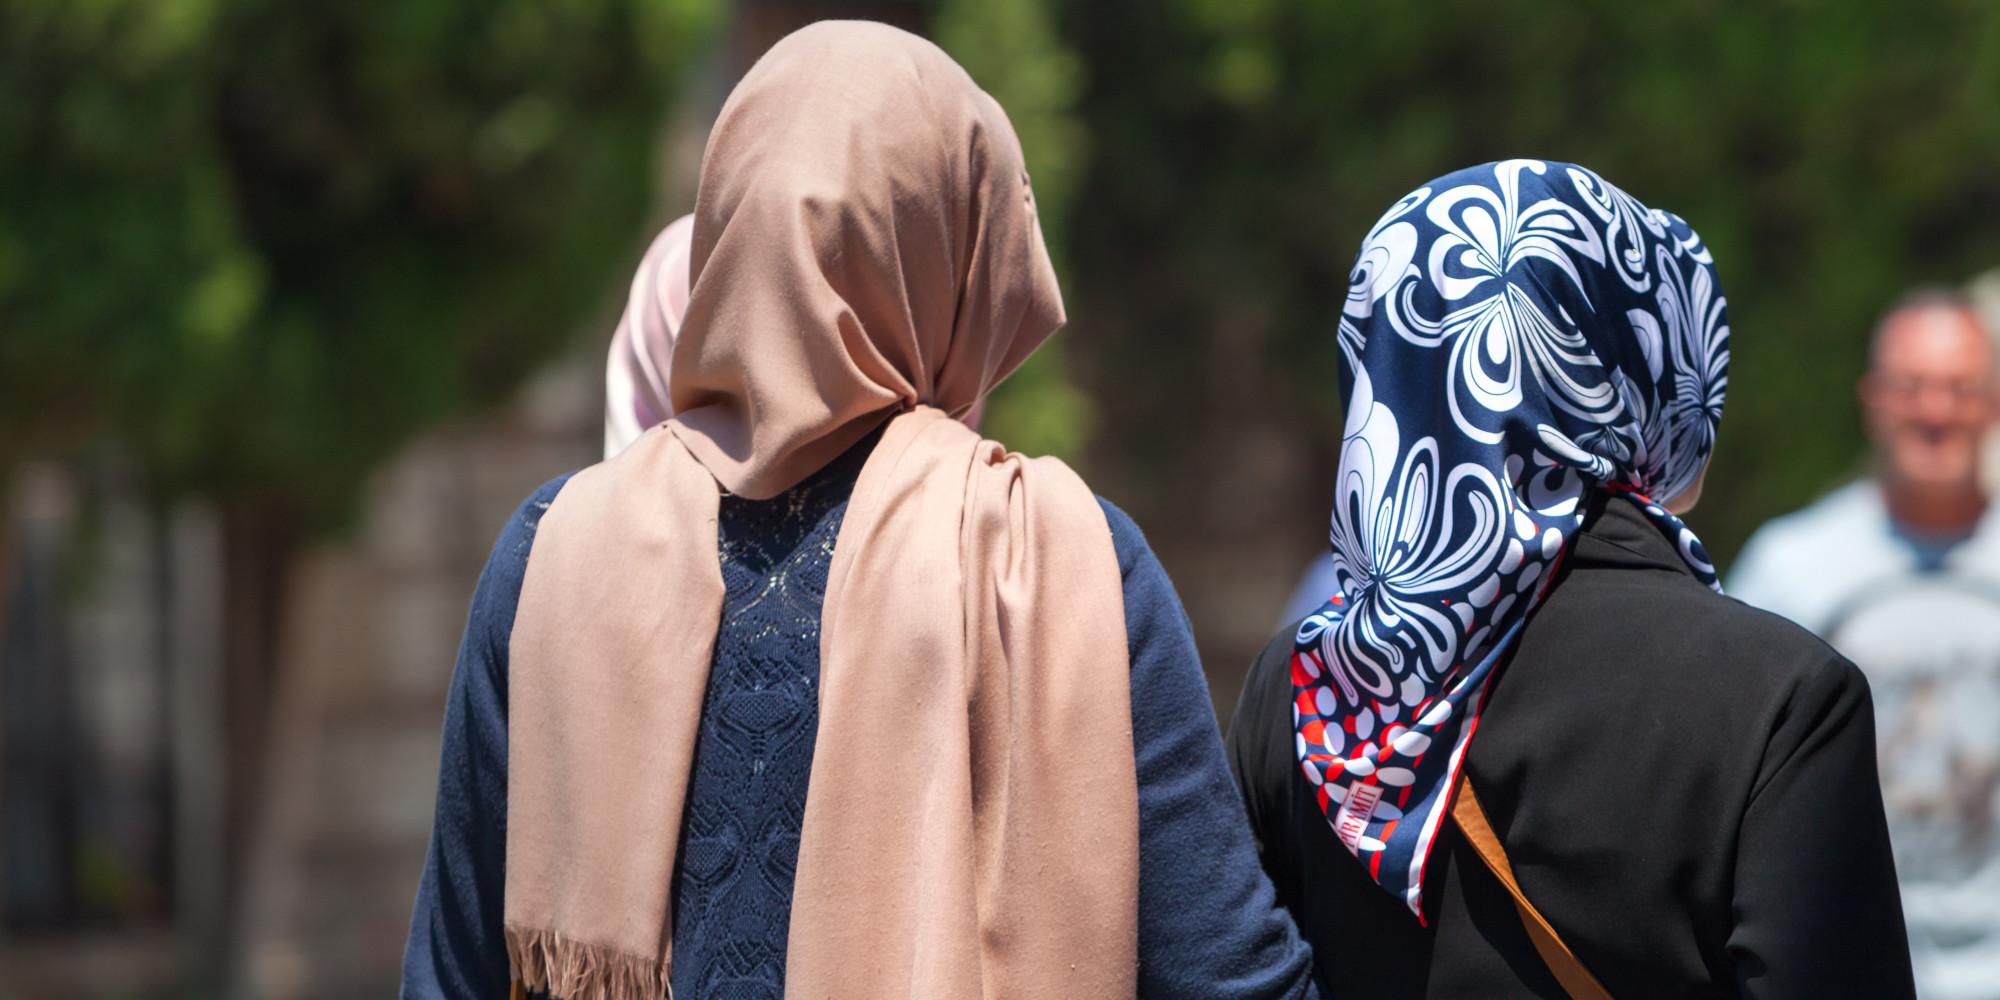 man muslim girl personals Arab dating site with arab chat rooms arab women & men meet for muslim dating & arab matchmaking & muslim chat.